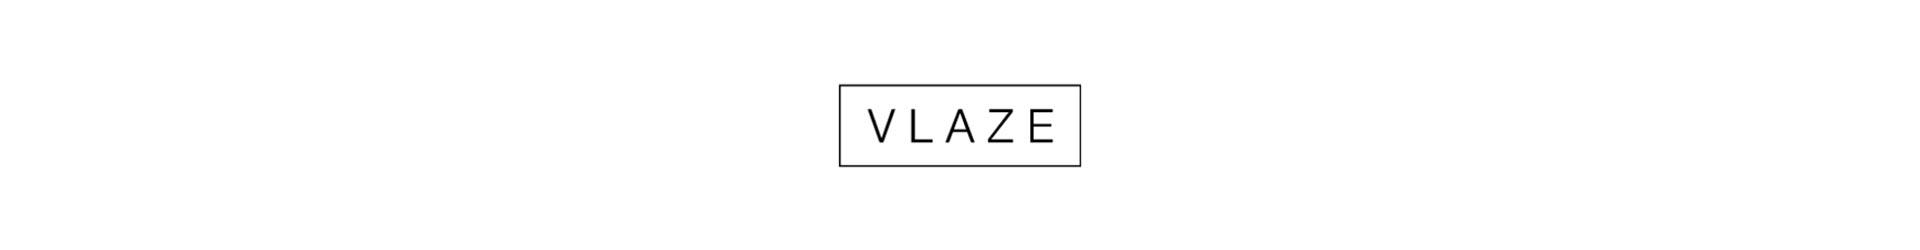 Vlaze-Banner